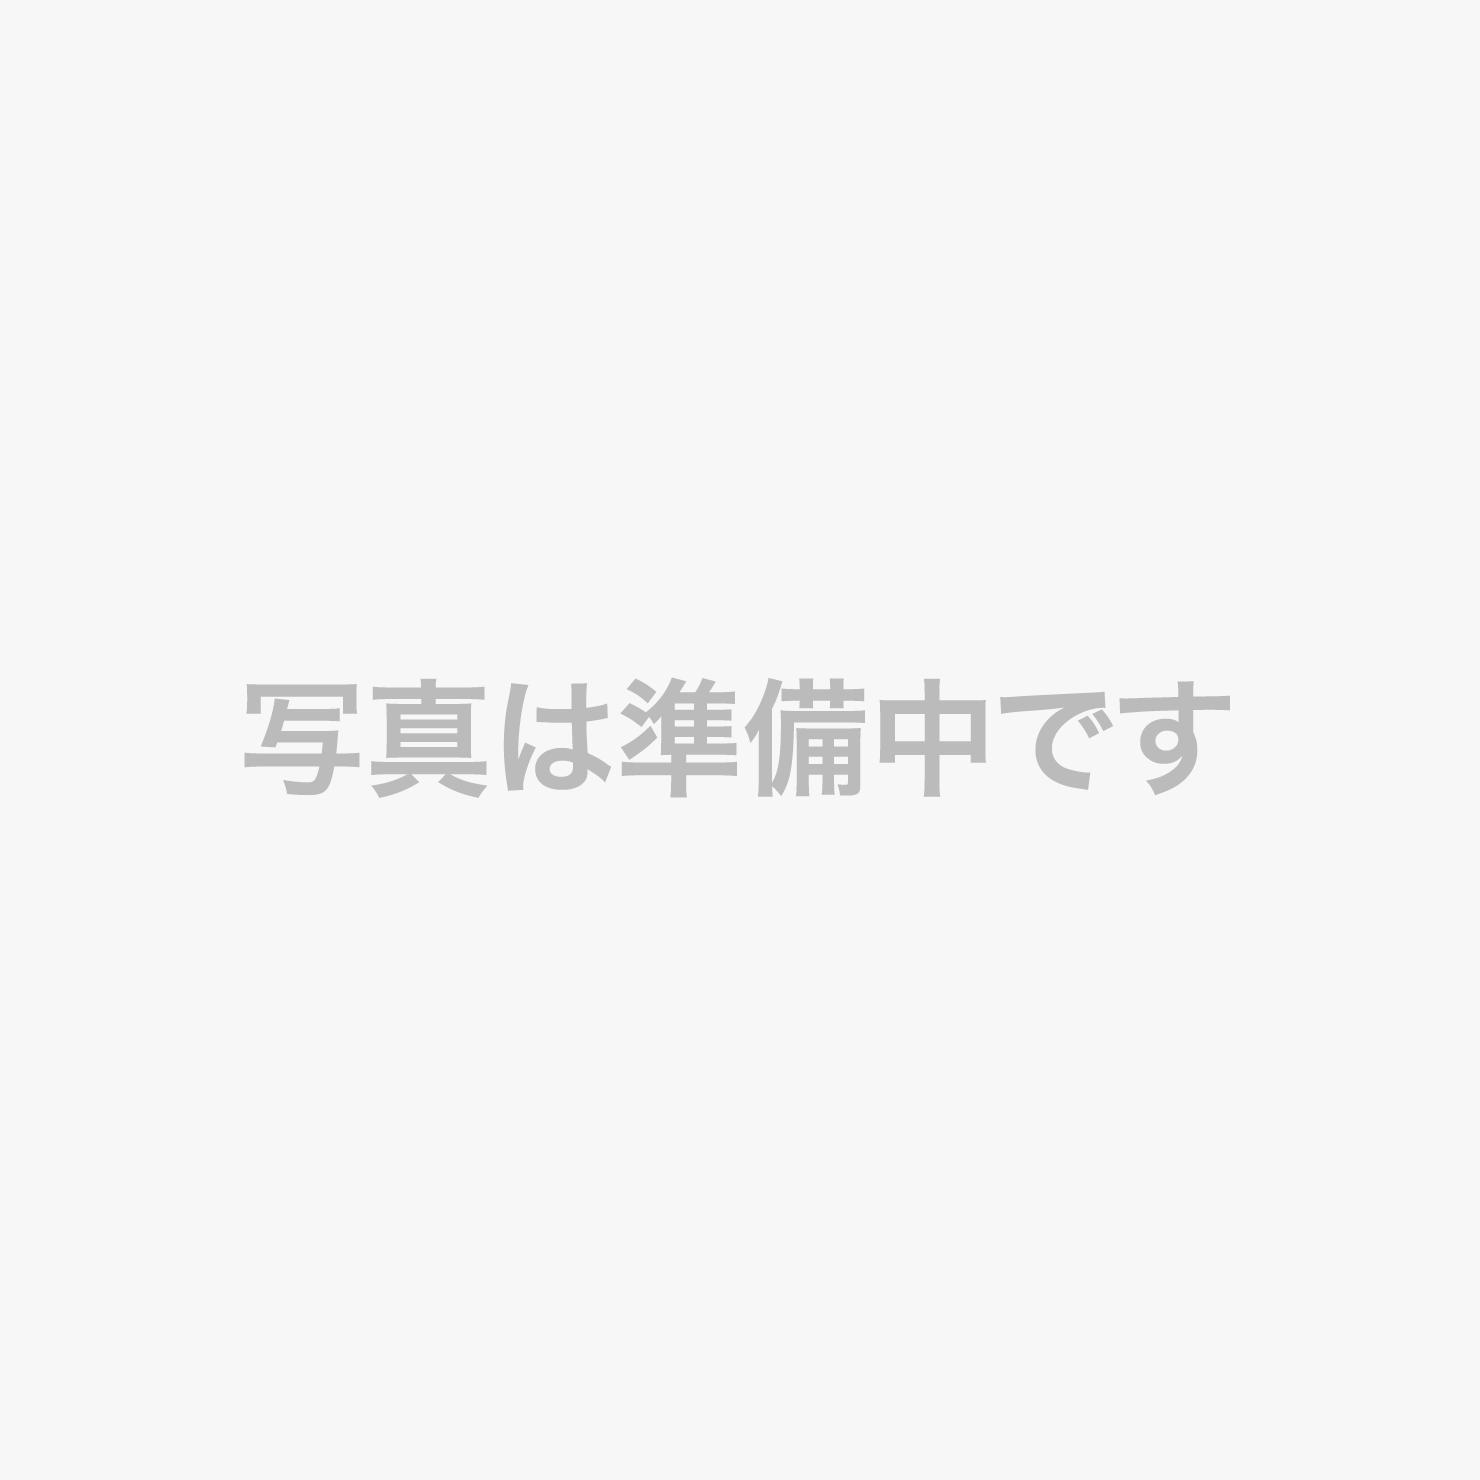 どんと祭(写真提供:宮城県観光課)